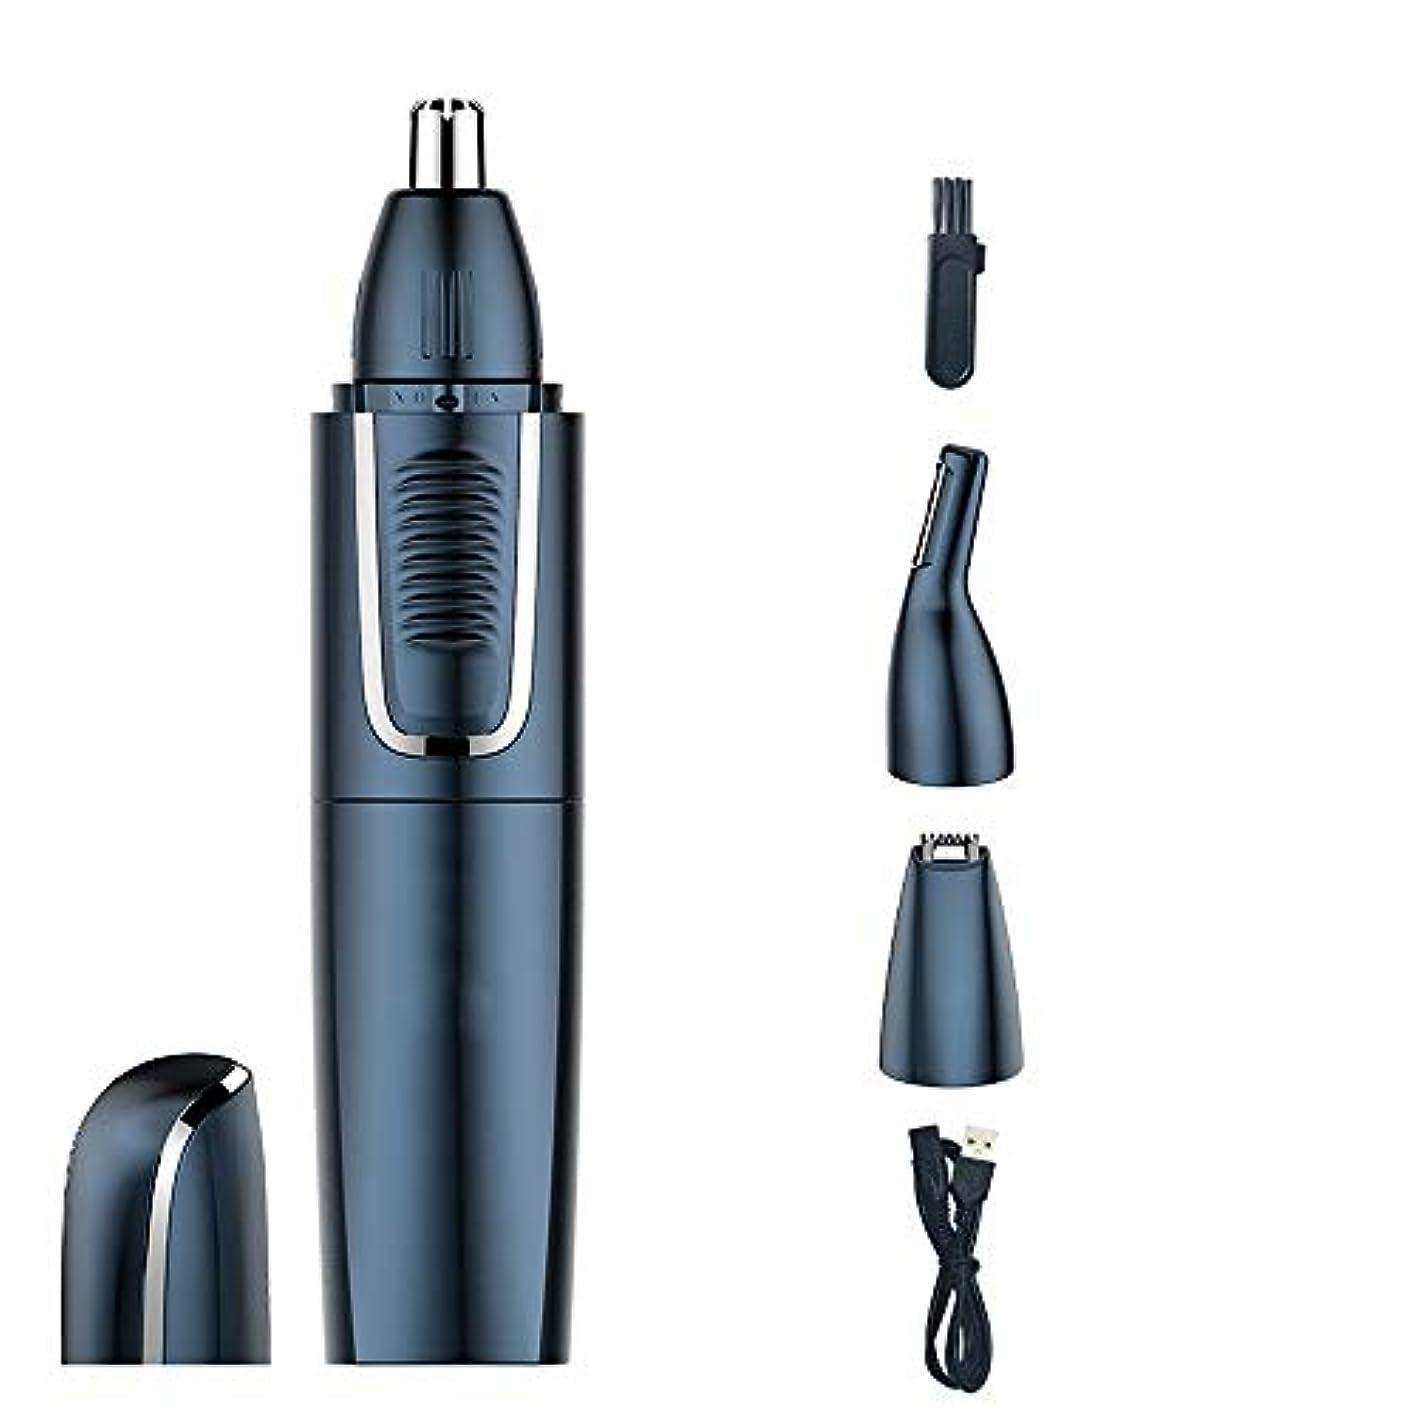 鼻毛トリマー-安全マニュアルステンレススチールメンズラウンドヘッドハサミ/多機能鼻毛トリマー/ 360°垂直ネットカッターヘッド/高さ135mm 軽度の脱毛